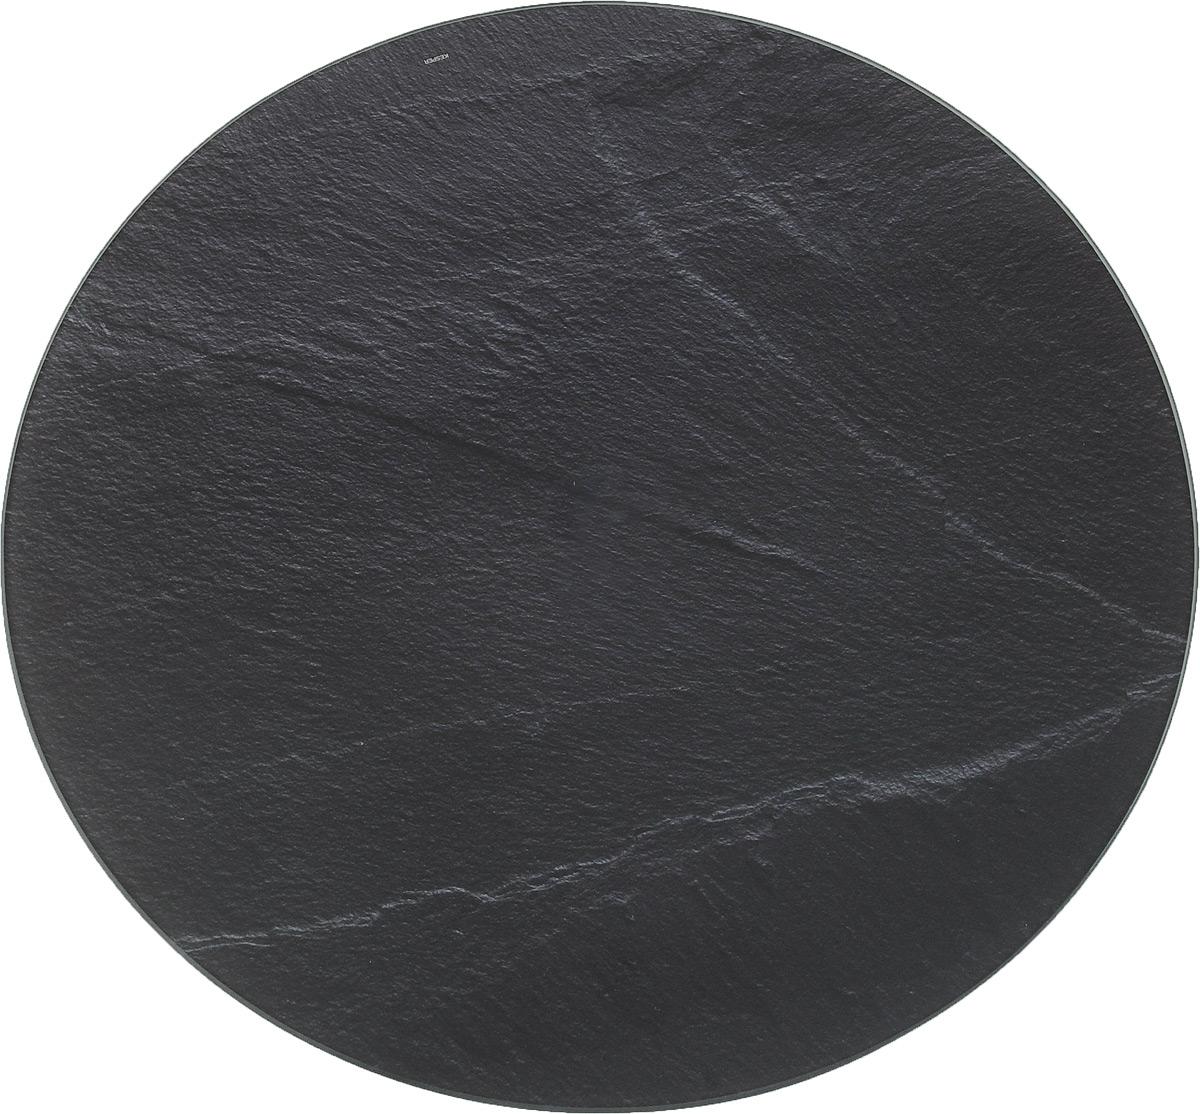 Поднос сервировочный Kesper, вращающийся, диаметр 35,5 см. 3445-0 kesper поднос kesper 4115 2 j 2 wgkqm